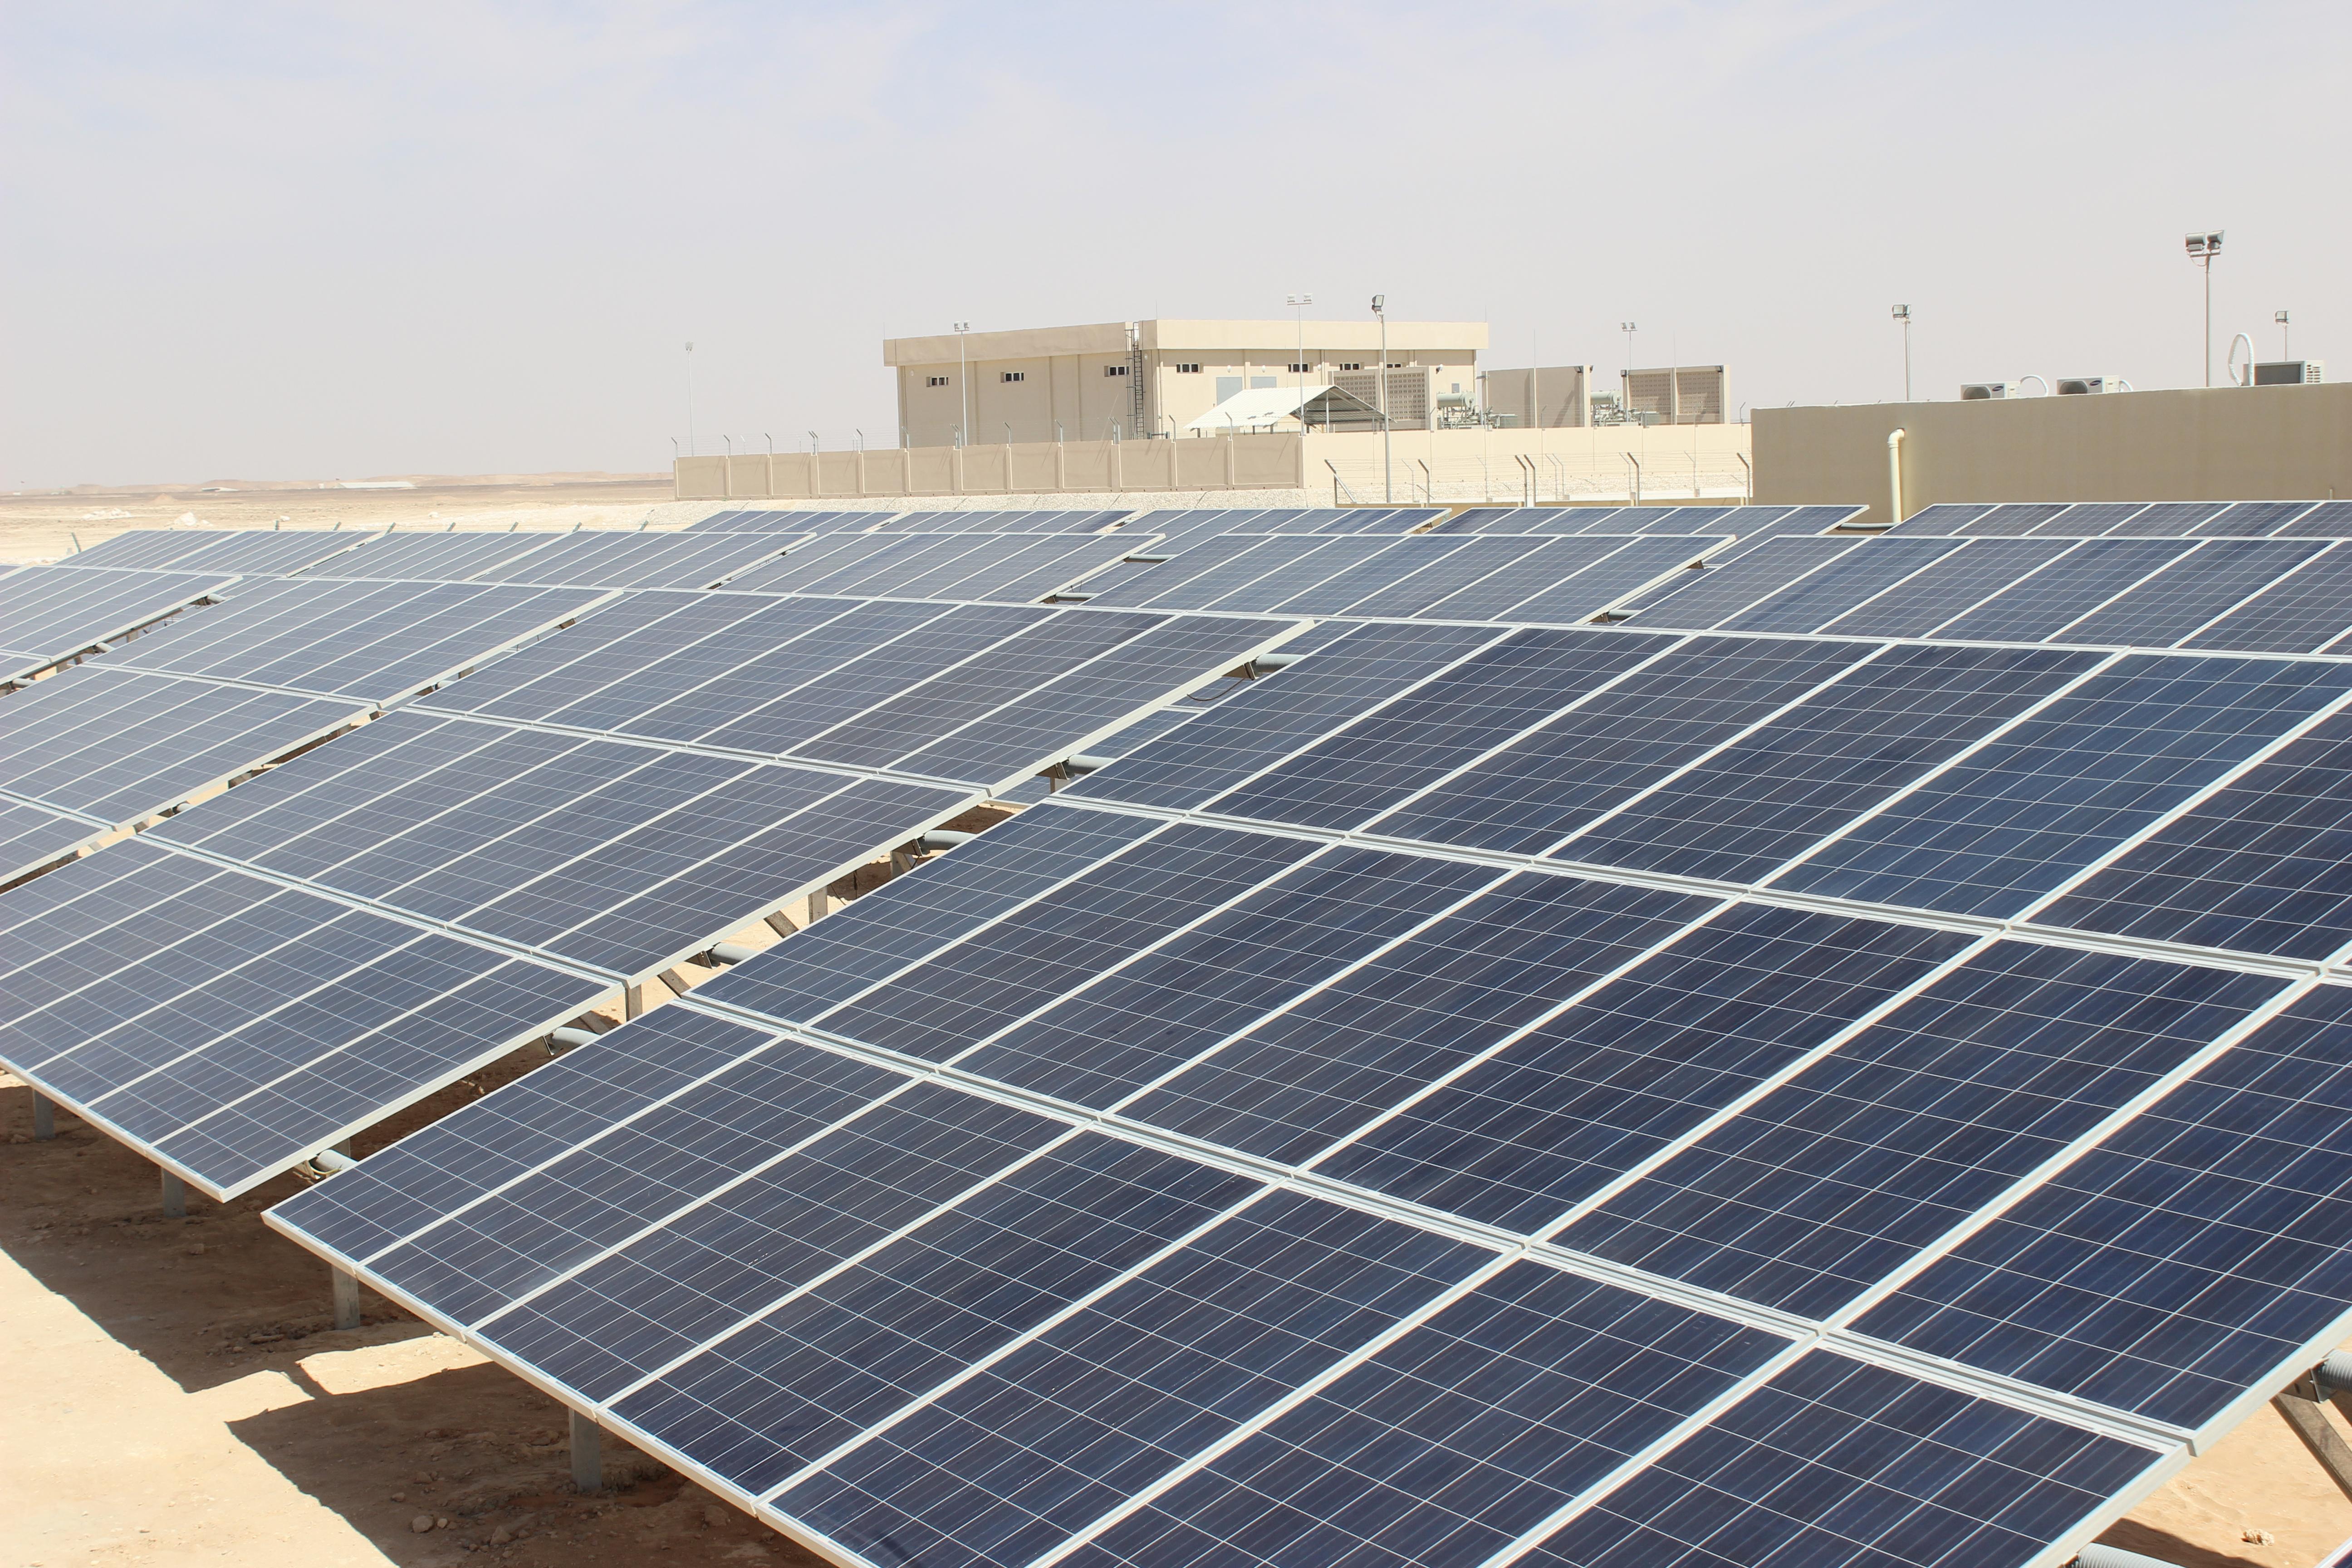 German investors plan 1GW-capacity solar project in Oman